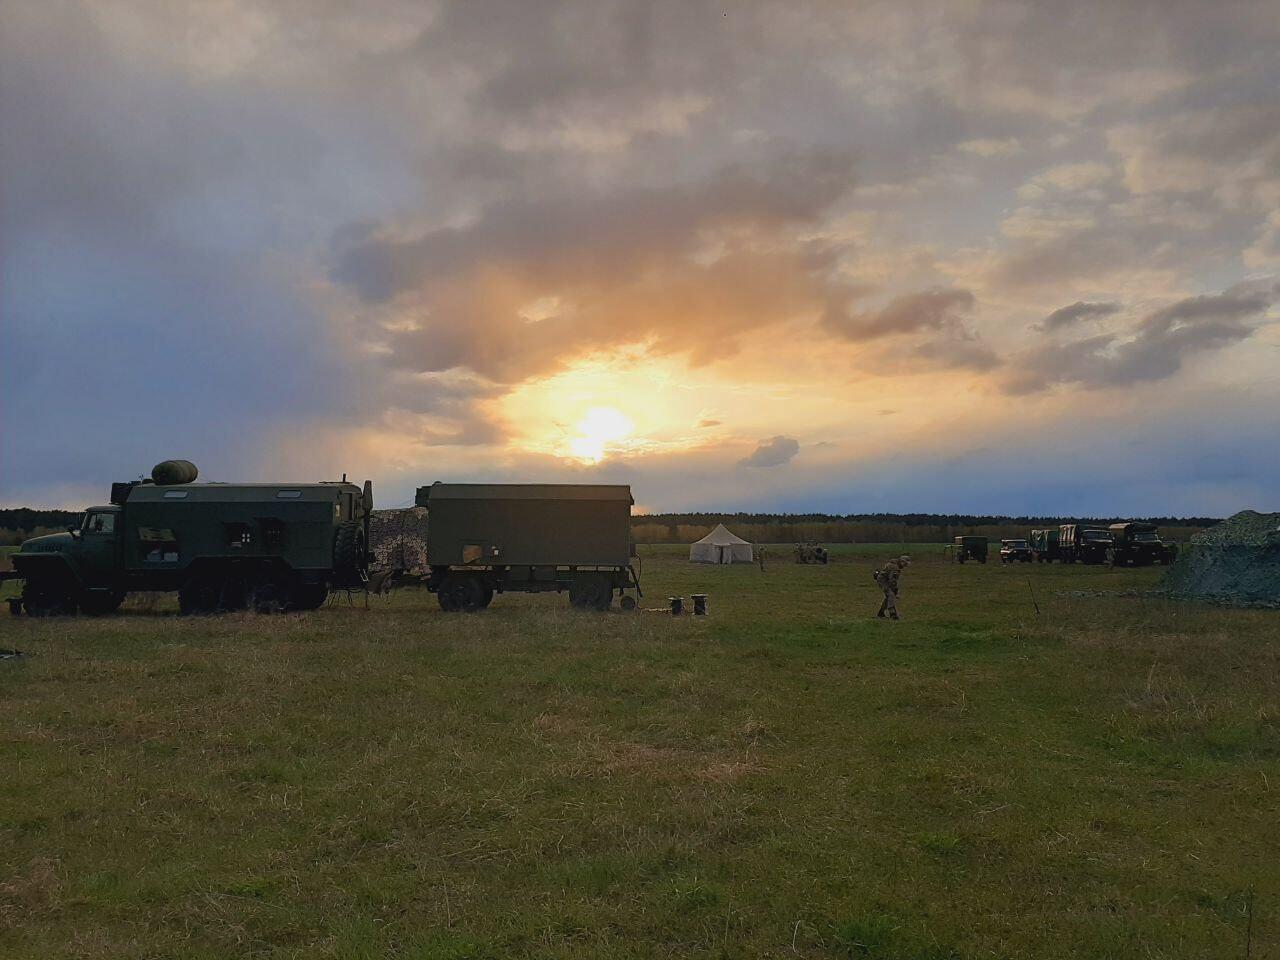 Урал-375А та інша техніка часів СРСР до цих пір знаходиться на озброєнні ЗСУ